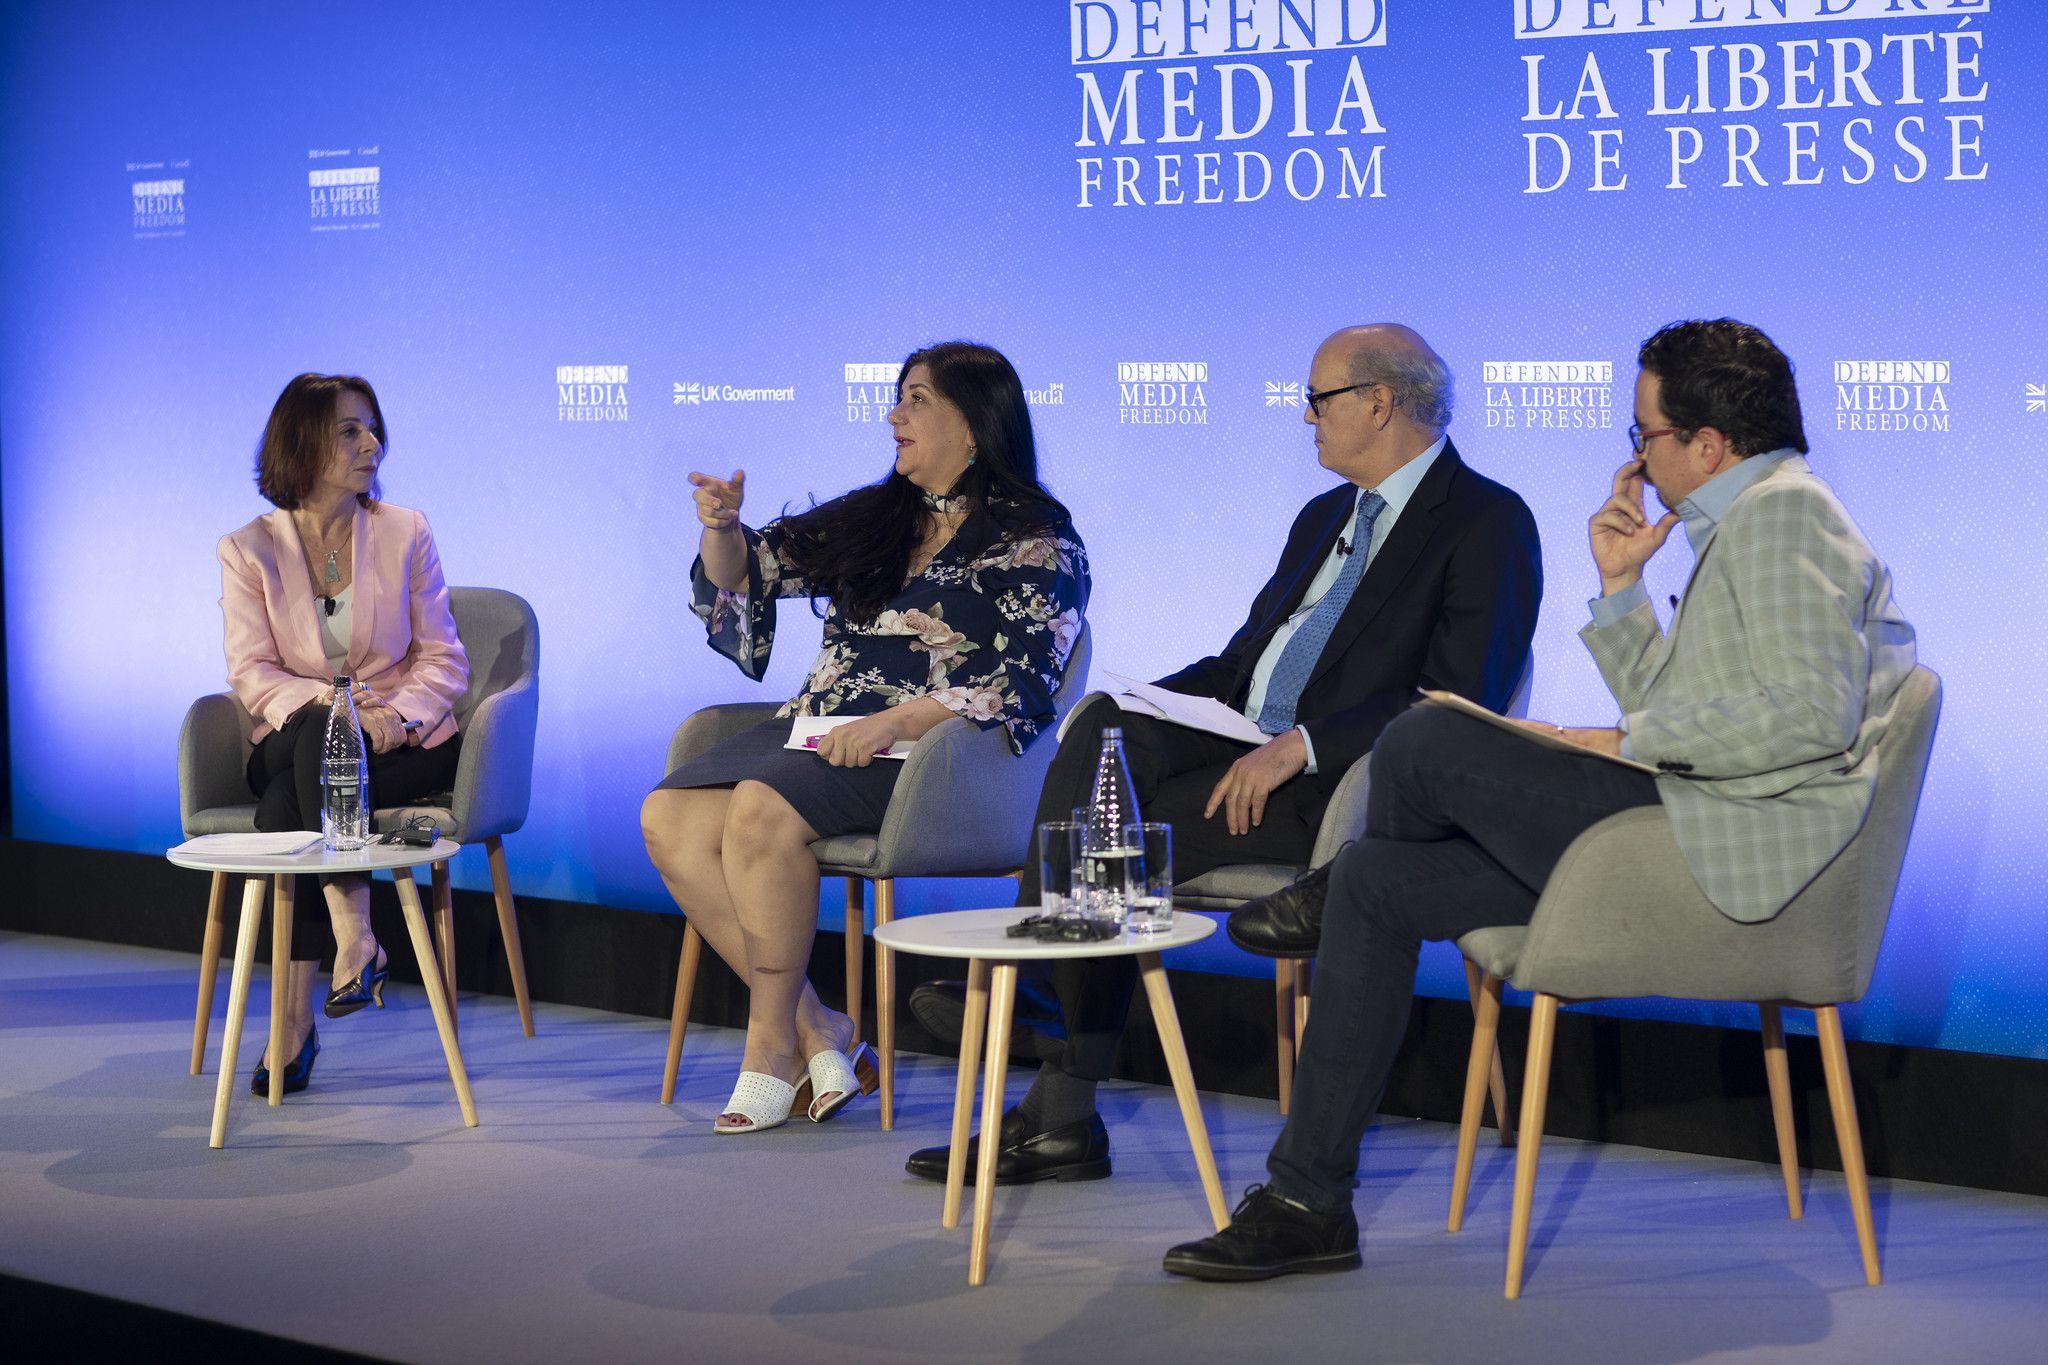 El panel en Londres de los desafíos para la libertad de prensa en las Américas en el que participaron Lucía Newman, Marthe Roldós, Carlos Chamorro y Leopoldo Maldonado